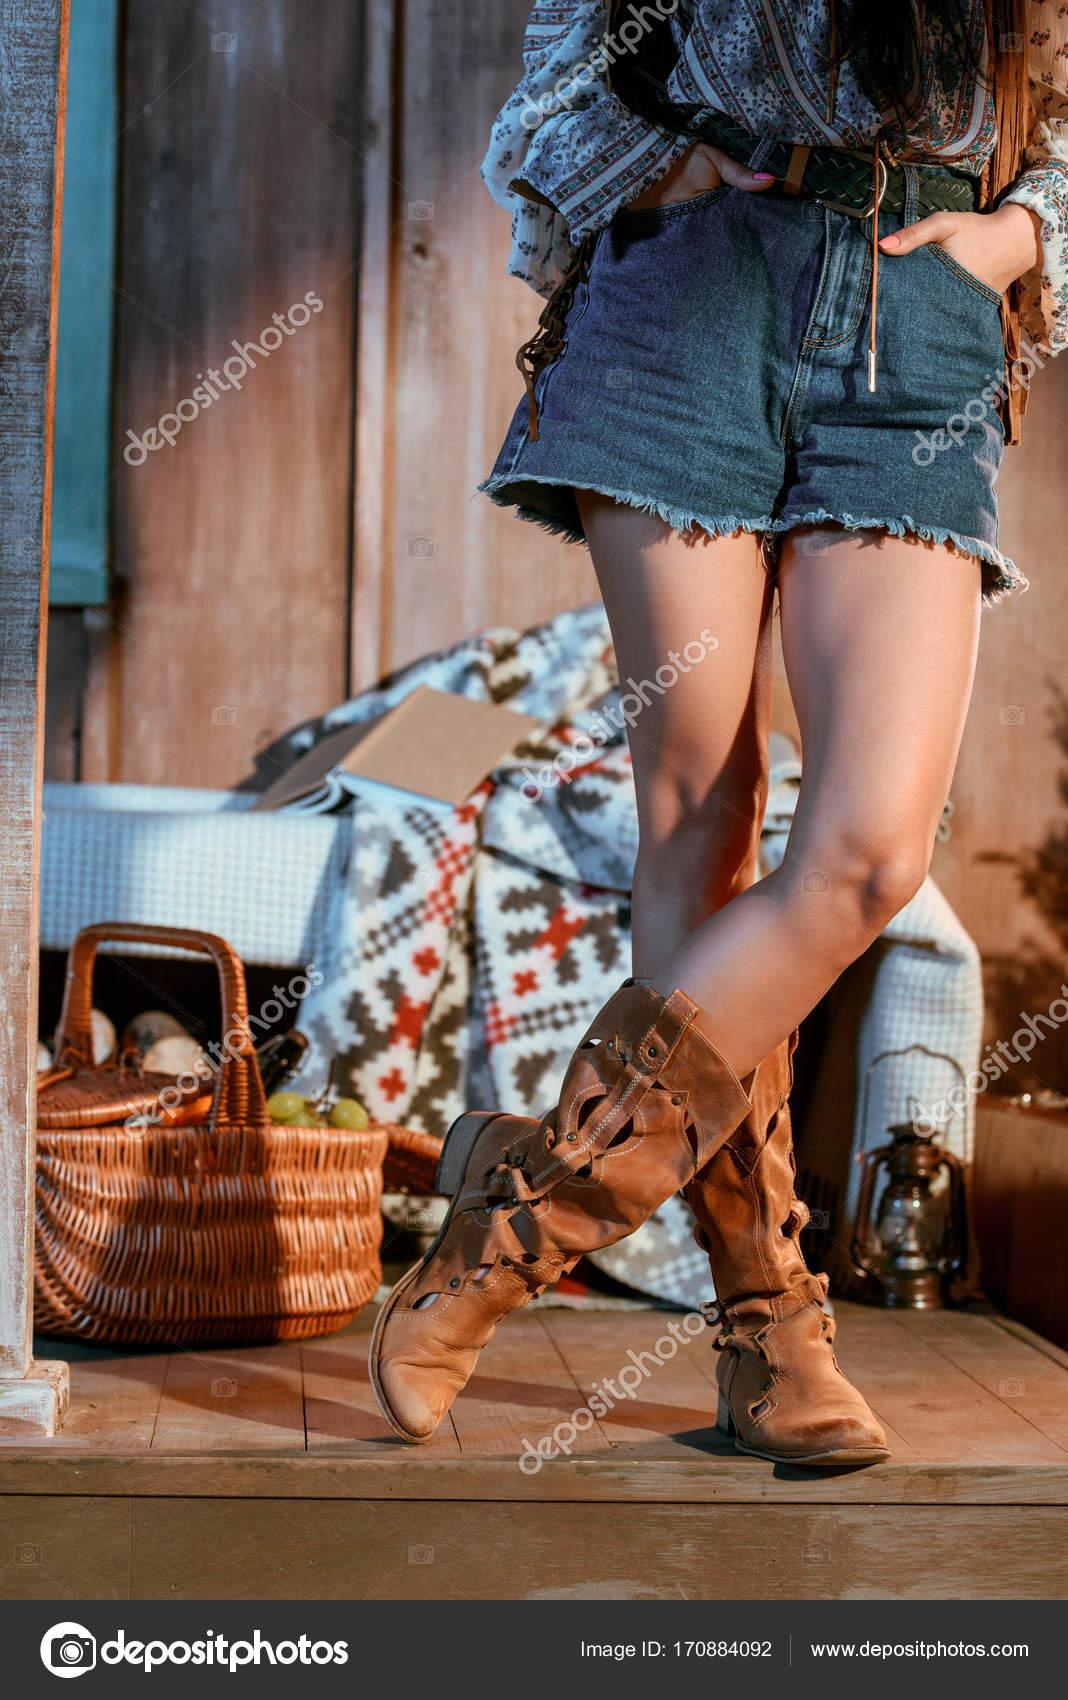 Les Short Marron Jeans Femme Chaussures En Et xzqOaI